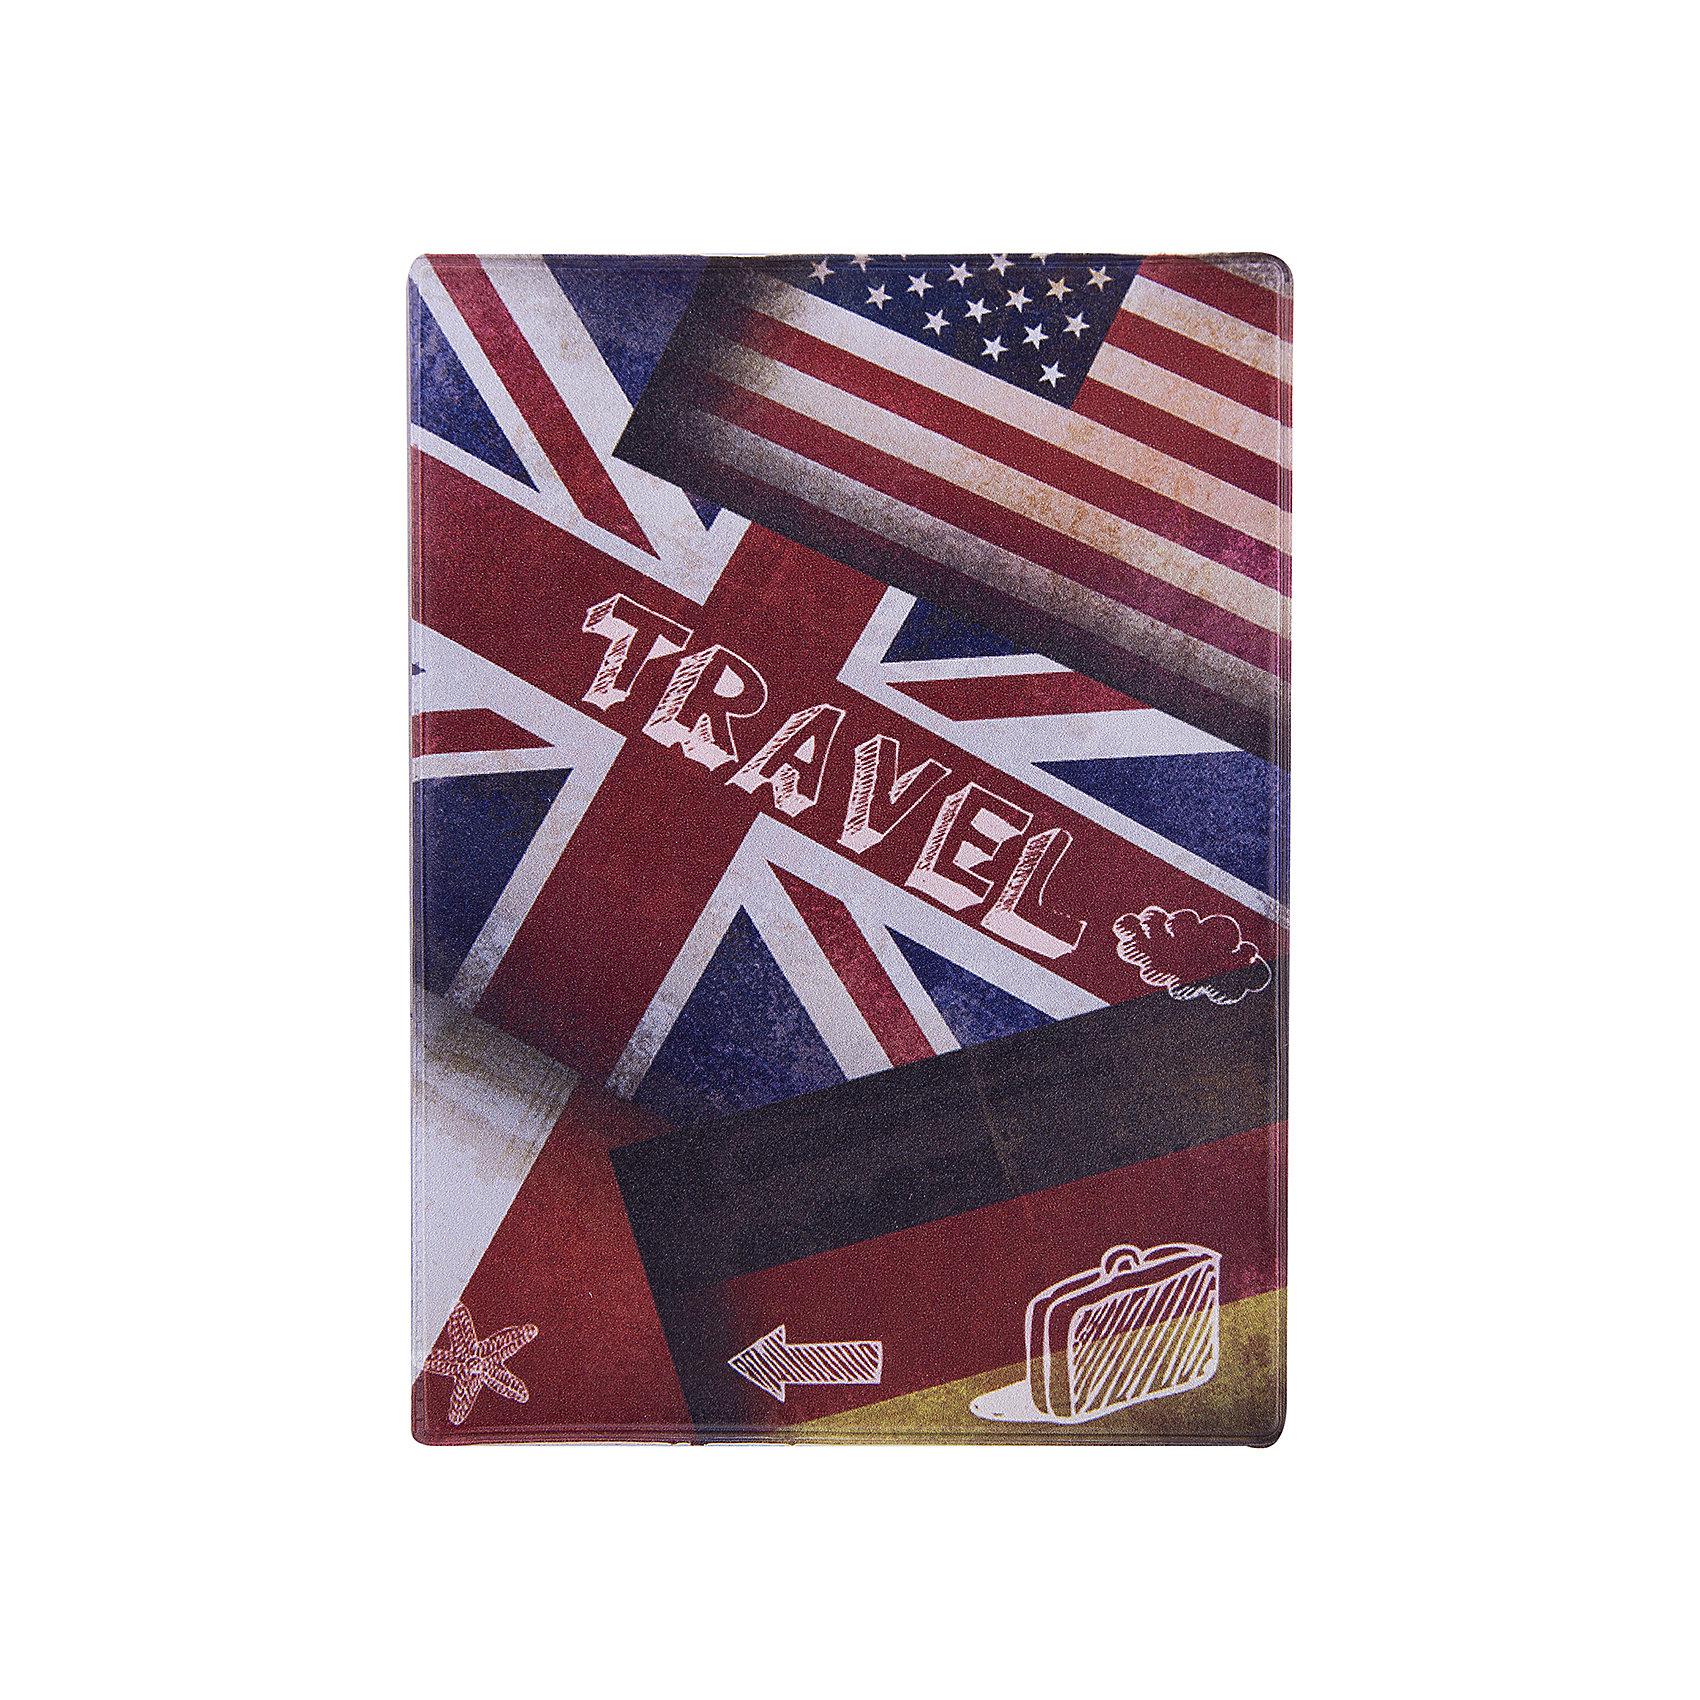 Обложка для паспорта Флаги, Феникс-ПрезентВ дорогу<br>Обложка для паспорта Флаги, Феникс-Презент <br><br>Характеристики:<br><br>• оригинальный дизайн<br>• высокая прочность<br>• размер: 13,3х19,1 см<br>• материал: ПВХ<br><br>Стильная обложка поднимет настроение и защитит паспорт от натирания, намокания и других механических повреждений. Изделие выполнено из качественного ПВХ, устойчивого к износу. На поверхности обложки расположен рисунок с изображением флагов разных стран.<br><br>Обложку для паспорта Флаги, Феникс-Презент вы можете купить в нашем интернет-магазине.<br><br>Ширина мм: 133<br>Глубина мм: 191<br>Высота мм: 50<br>Вес г: 35<br>Возраст от месяцев: 168<br>Возраст до месяцев: 2147483647<br>Пол: Унисекс<br>Возраст: Детский<br>SKU: 5449612